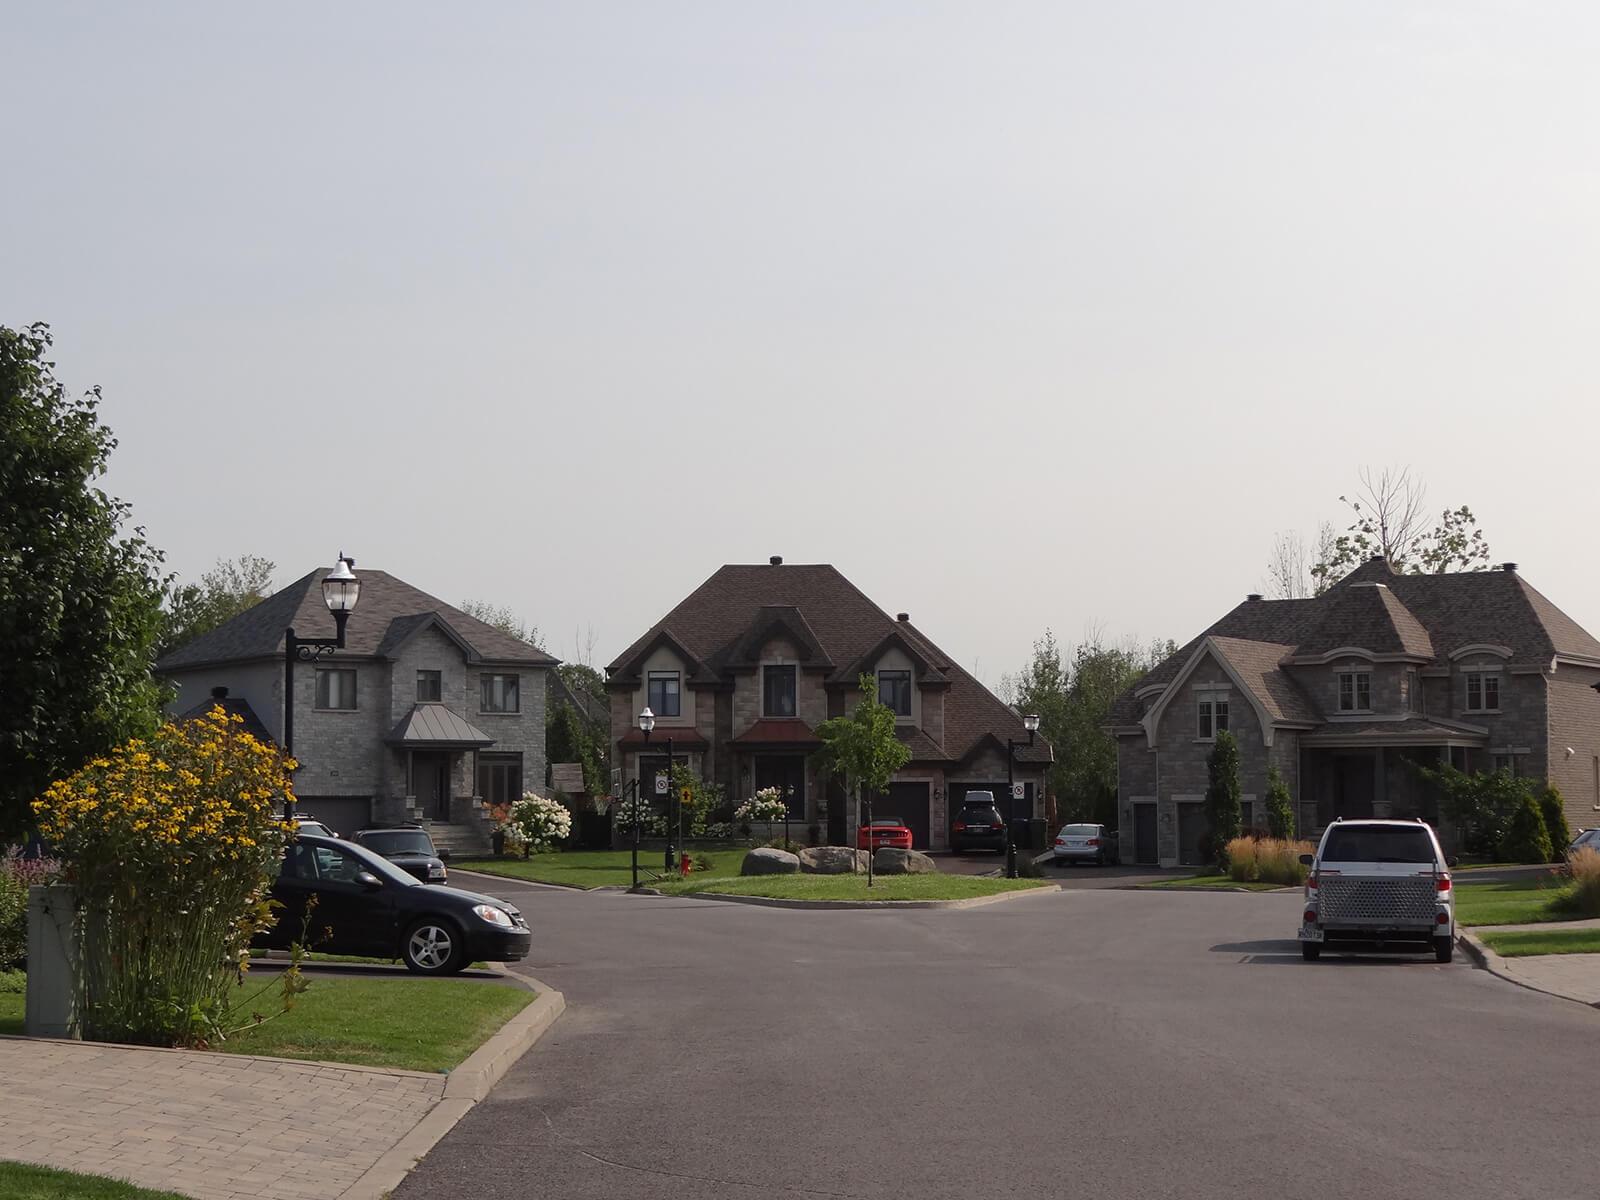 Maisons sur la rue Galilée